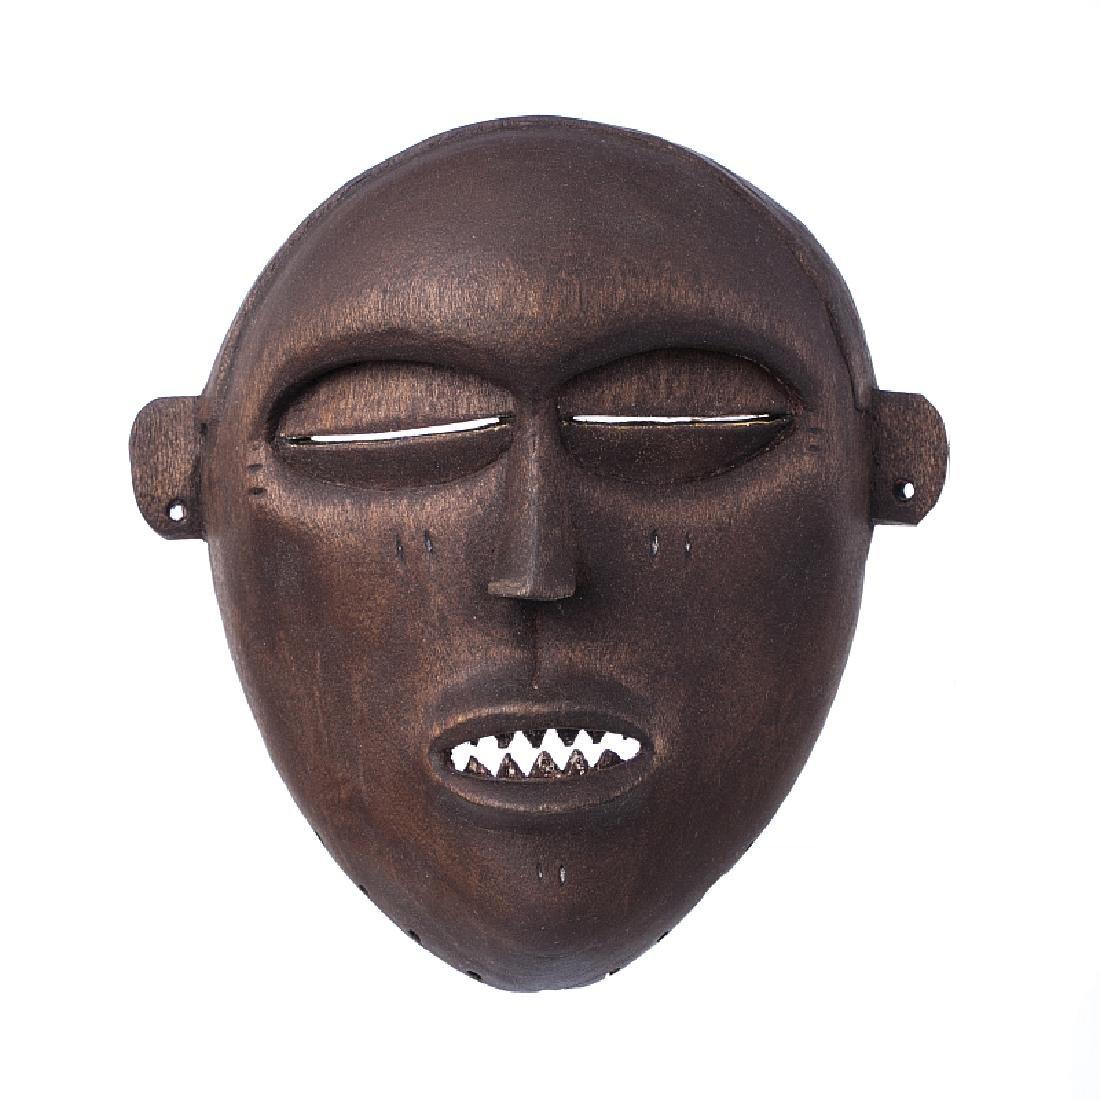 CHOKWE - Mask